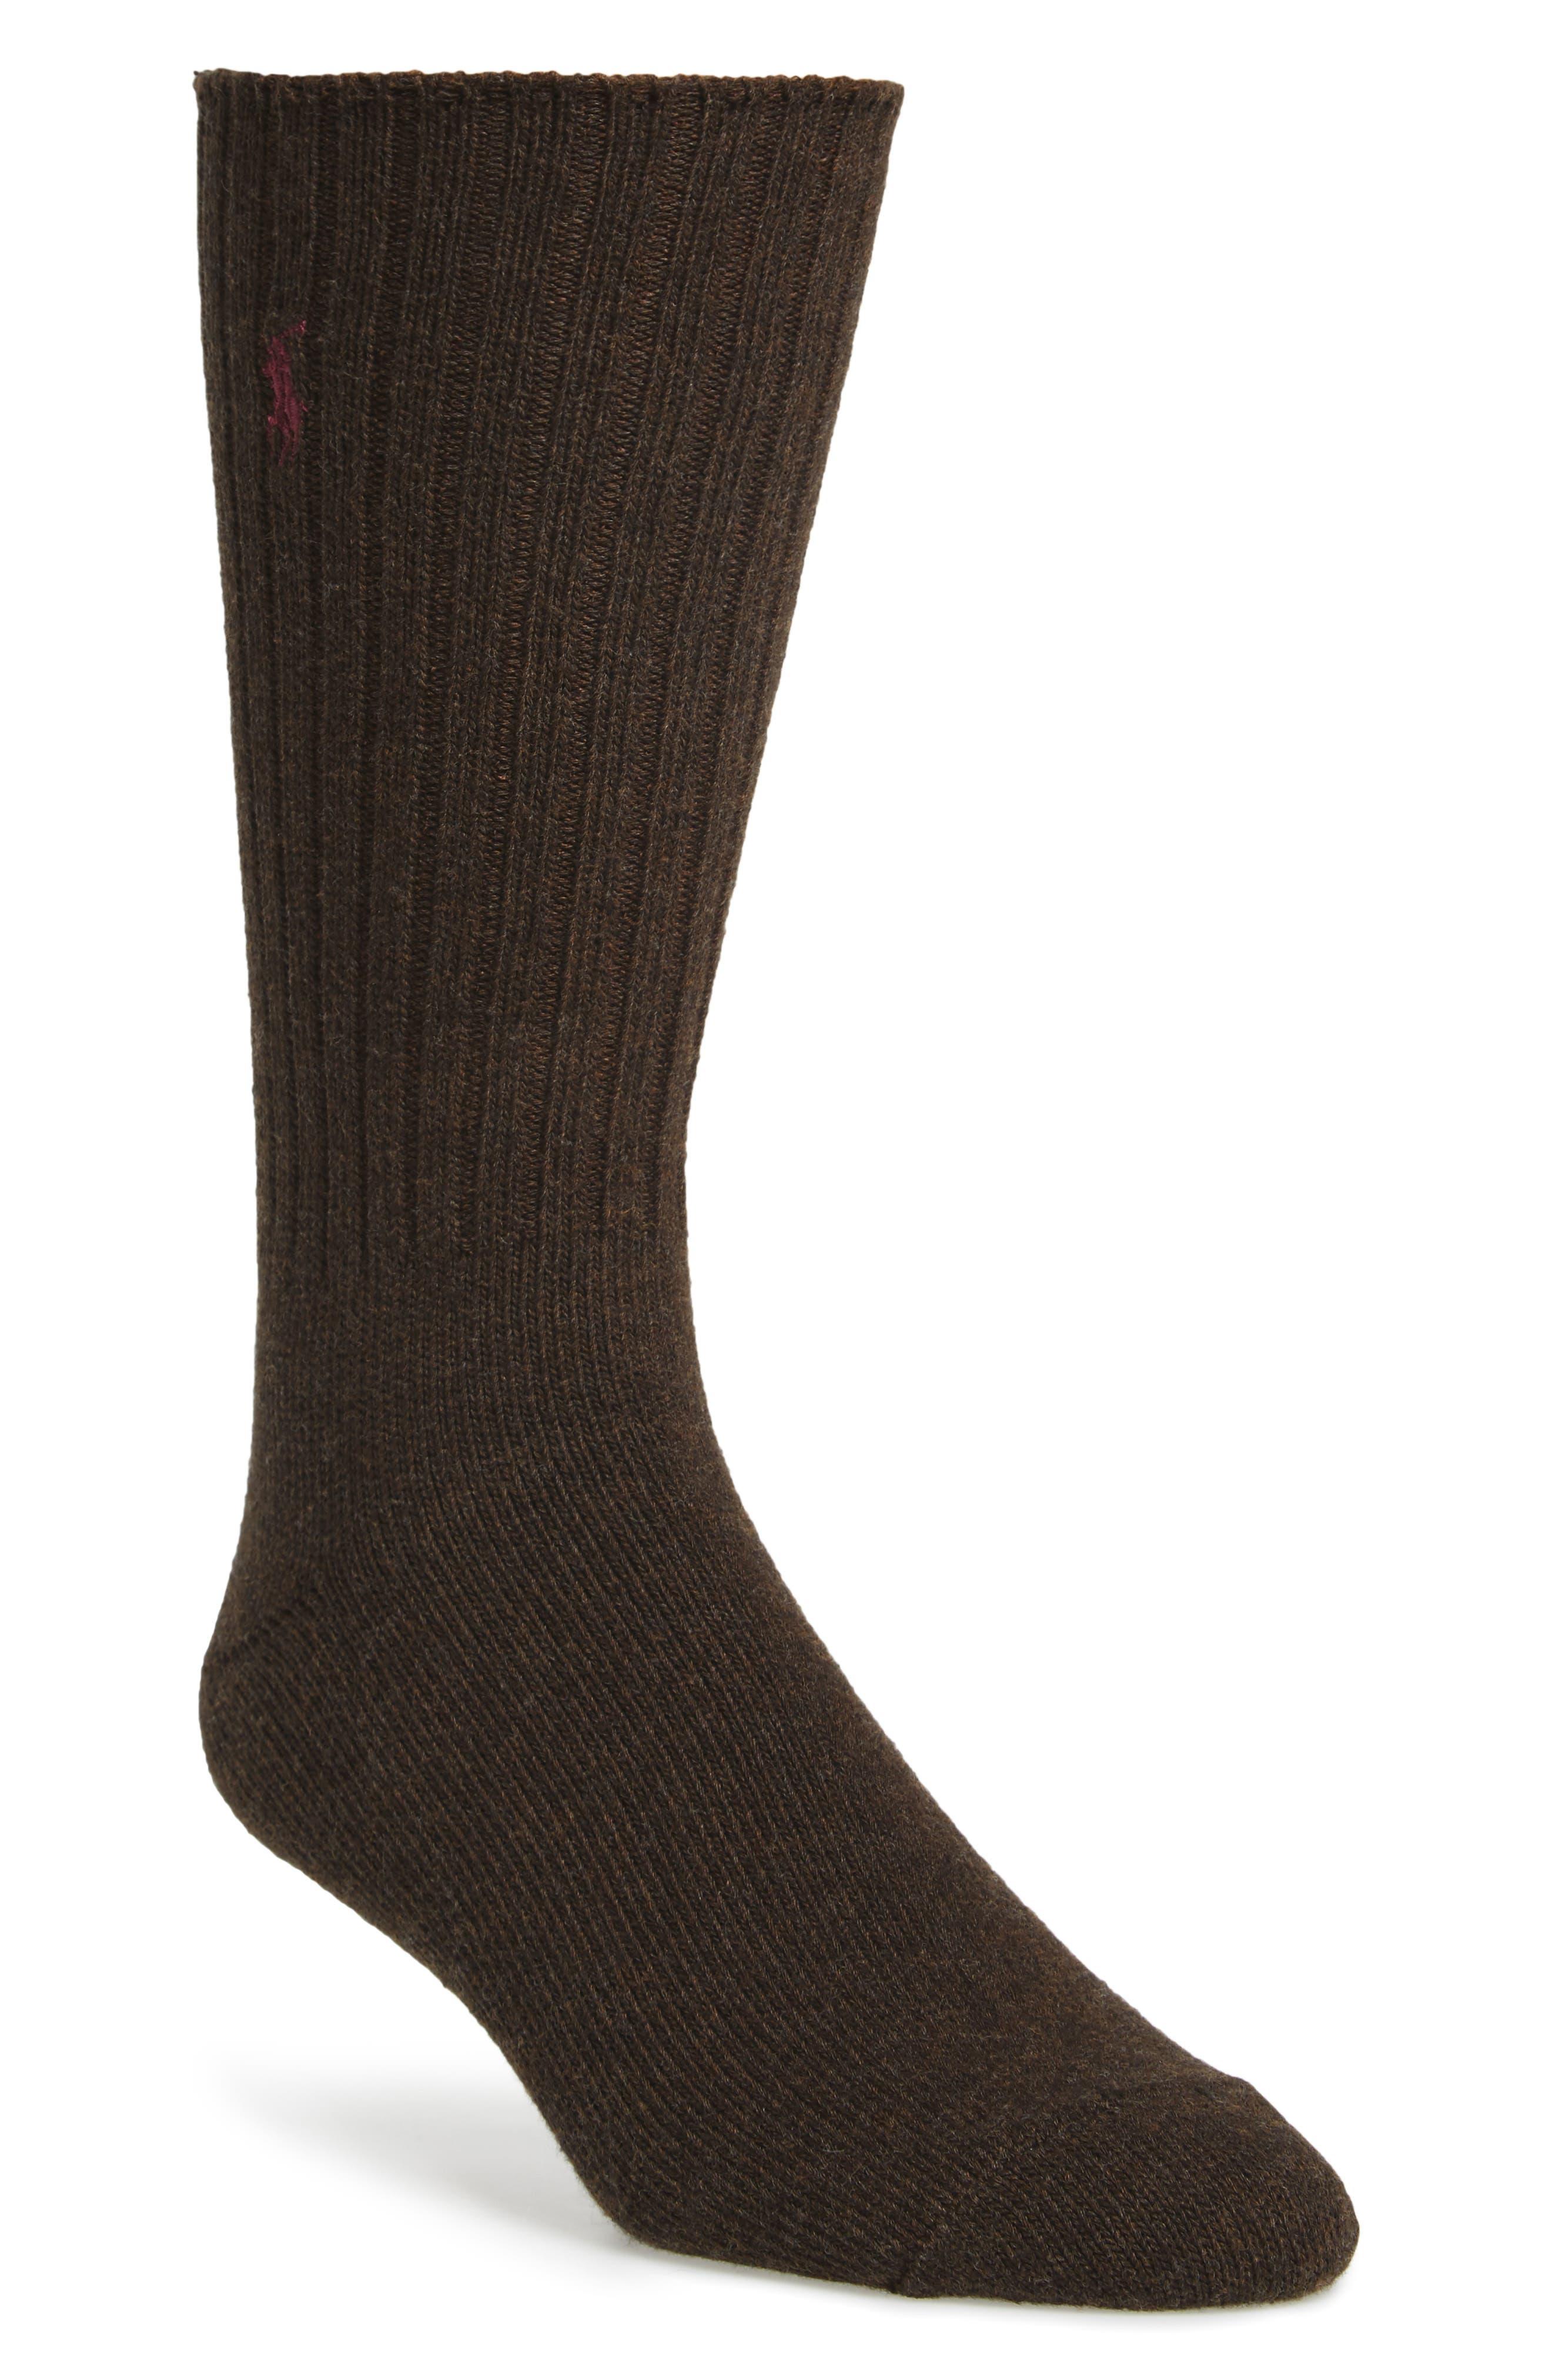 Crew Socks,                             Alternate thumbnail 3, color,                             BARK